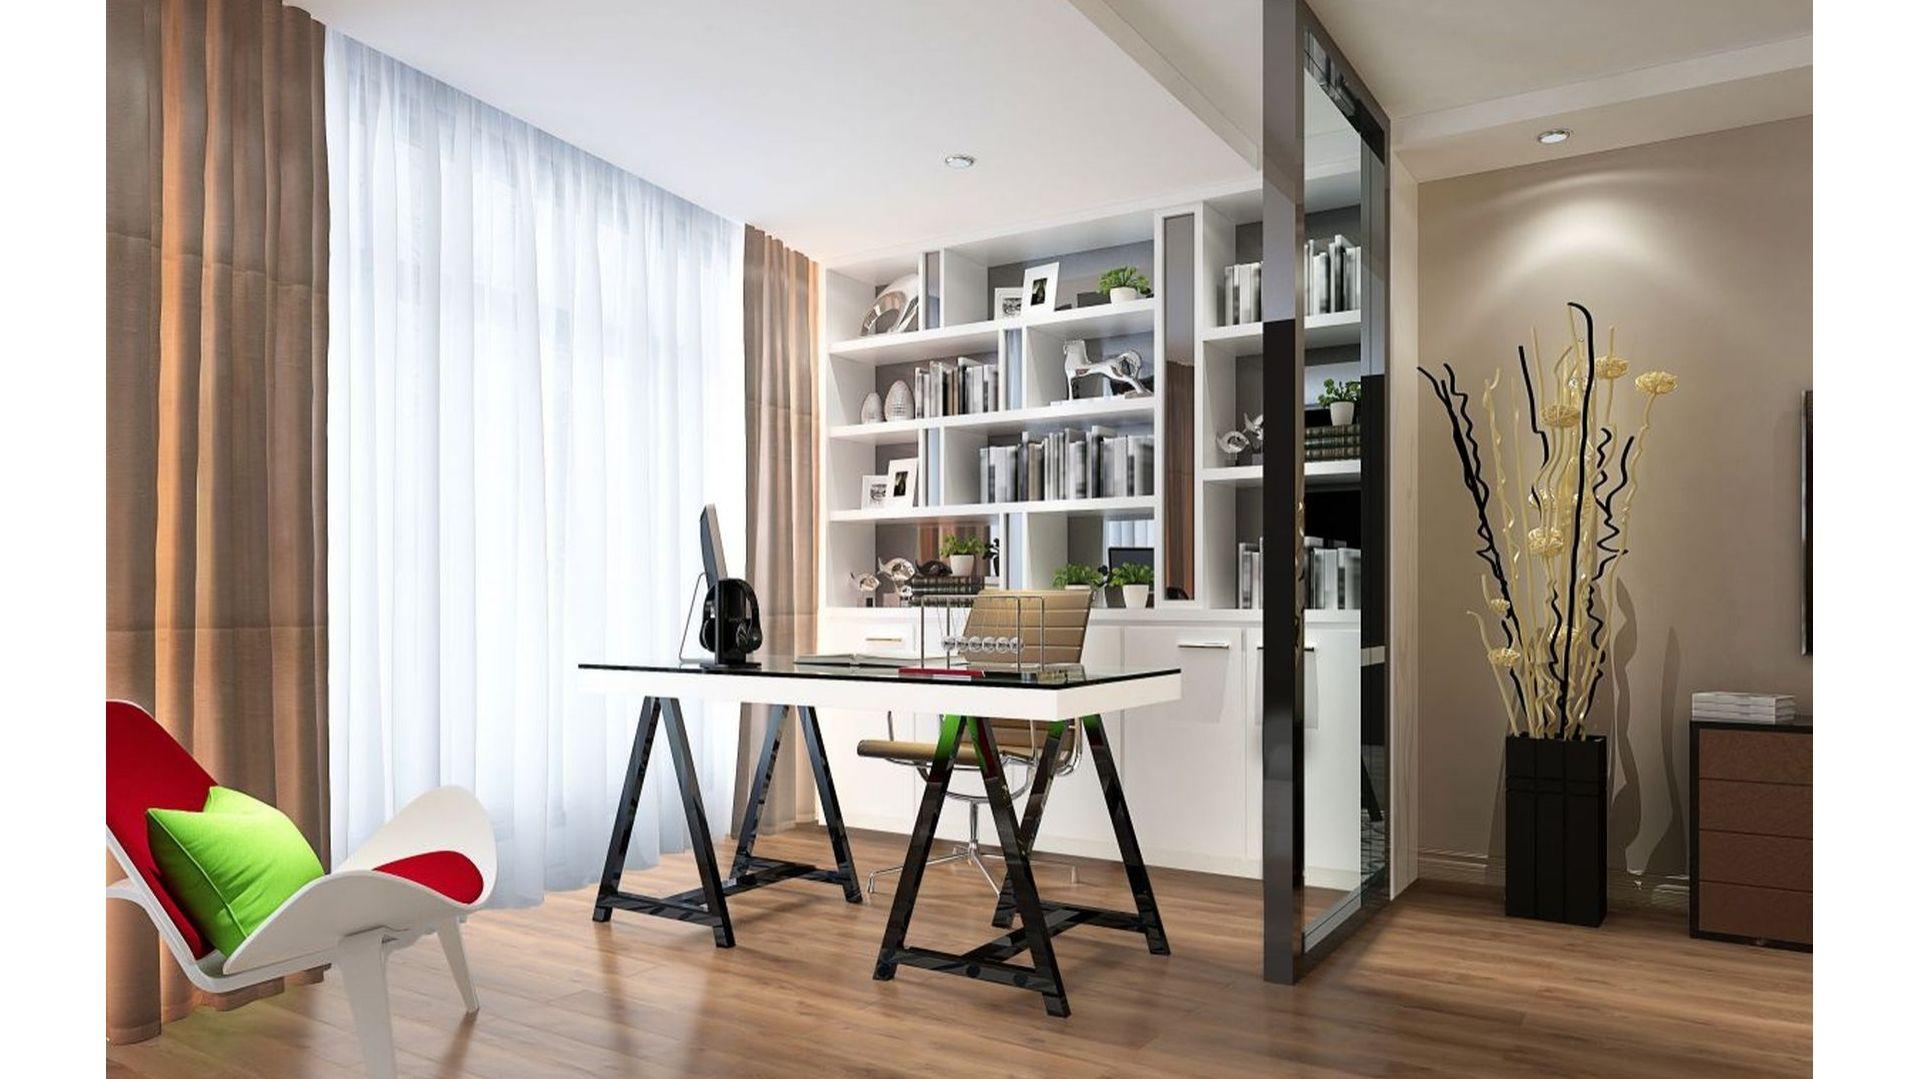 Aranżując domowe biuro warto zadbać o subtelne wydzielenie przestrzeni. Fot. RuckZuck